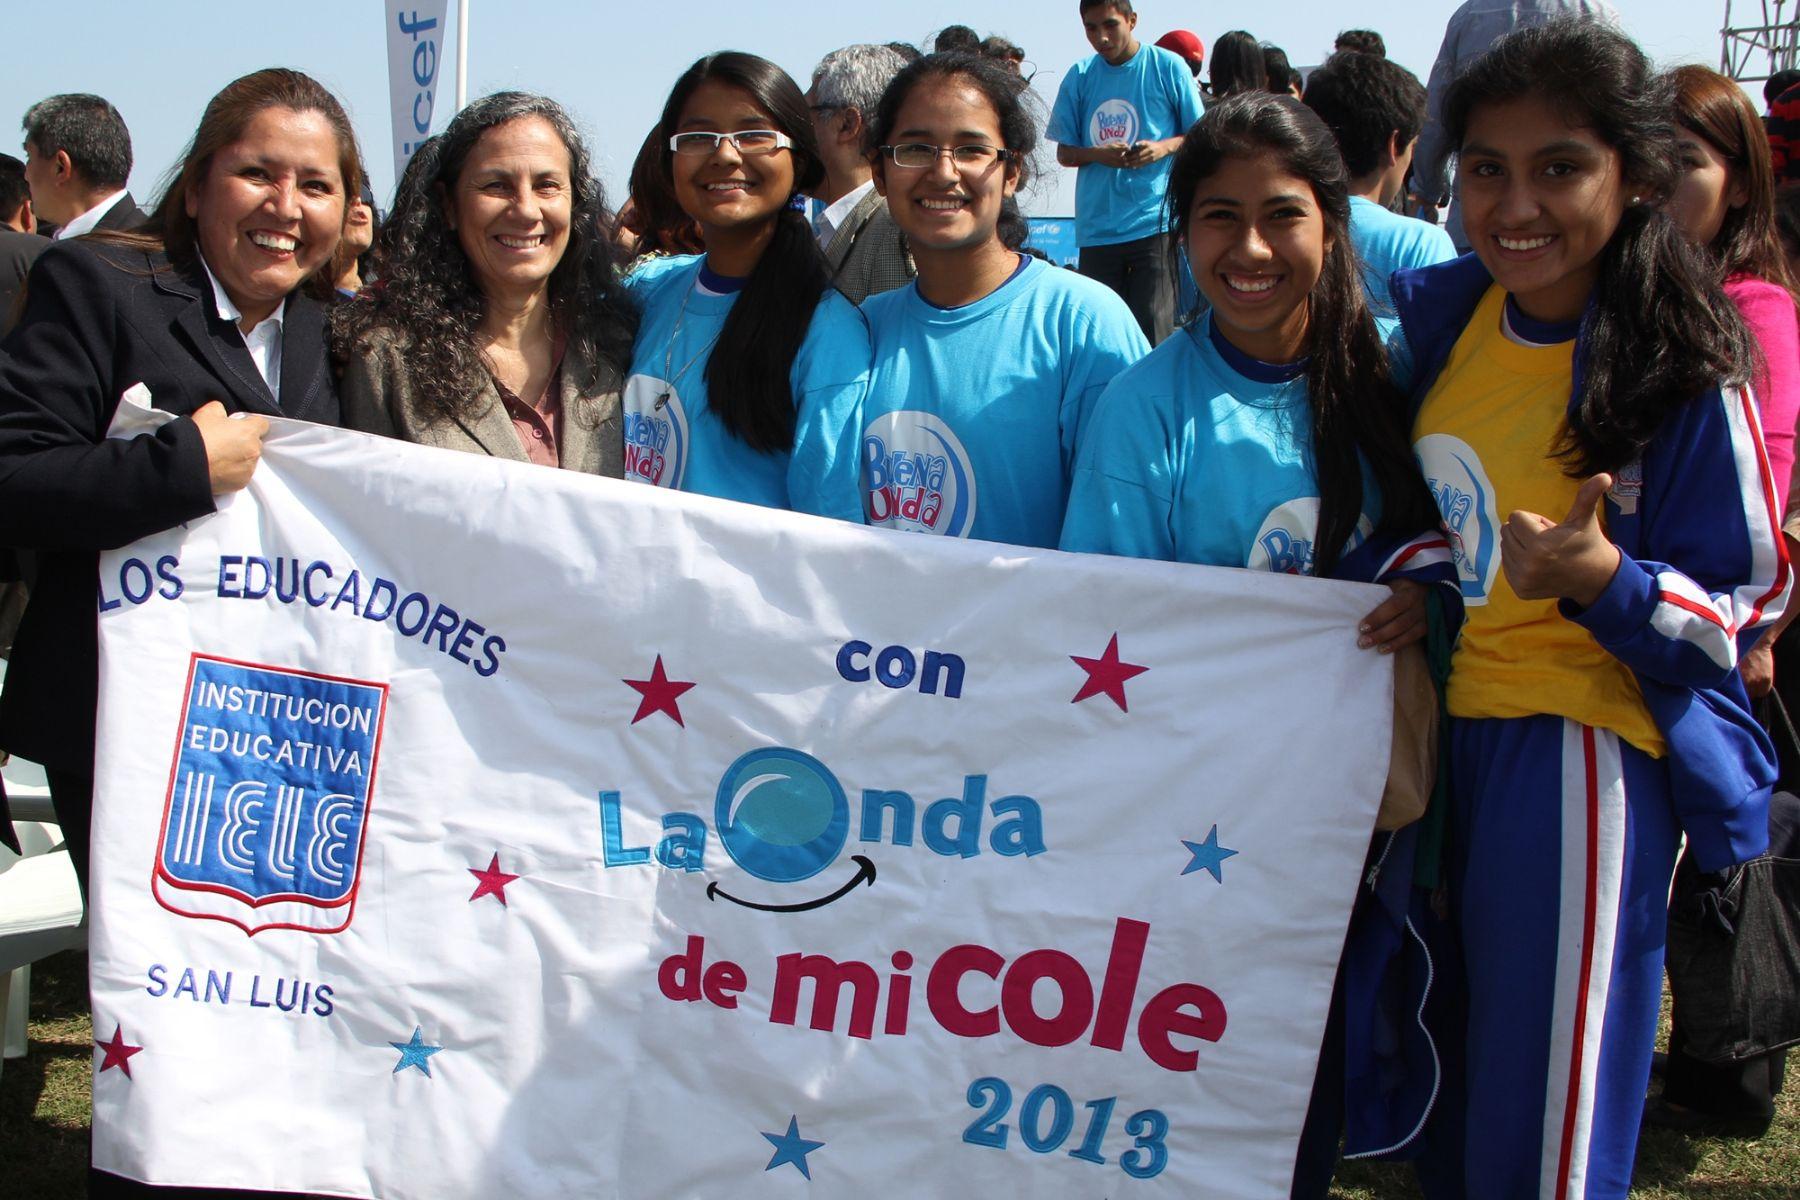 Ministra de Educación, Patricia Salas, participa en lanzamiento de campaña Buena Onda 2013 de Unicef.